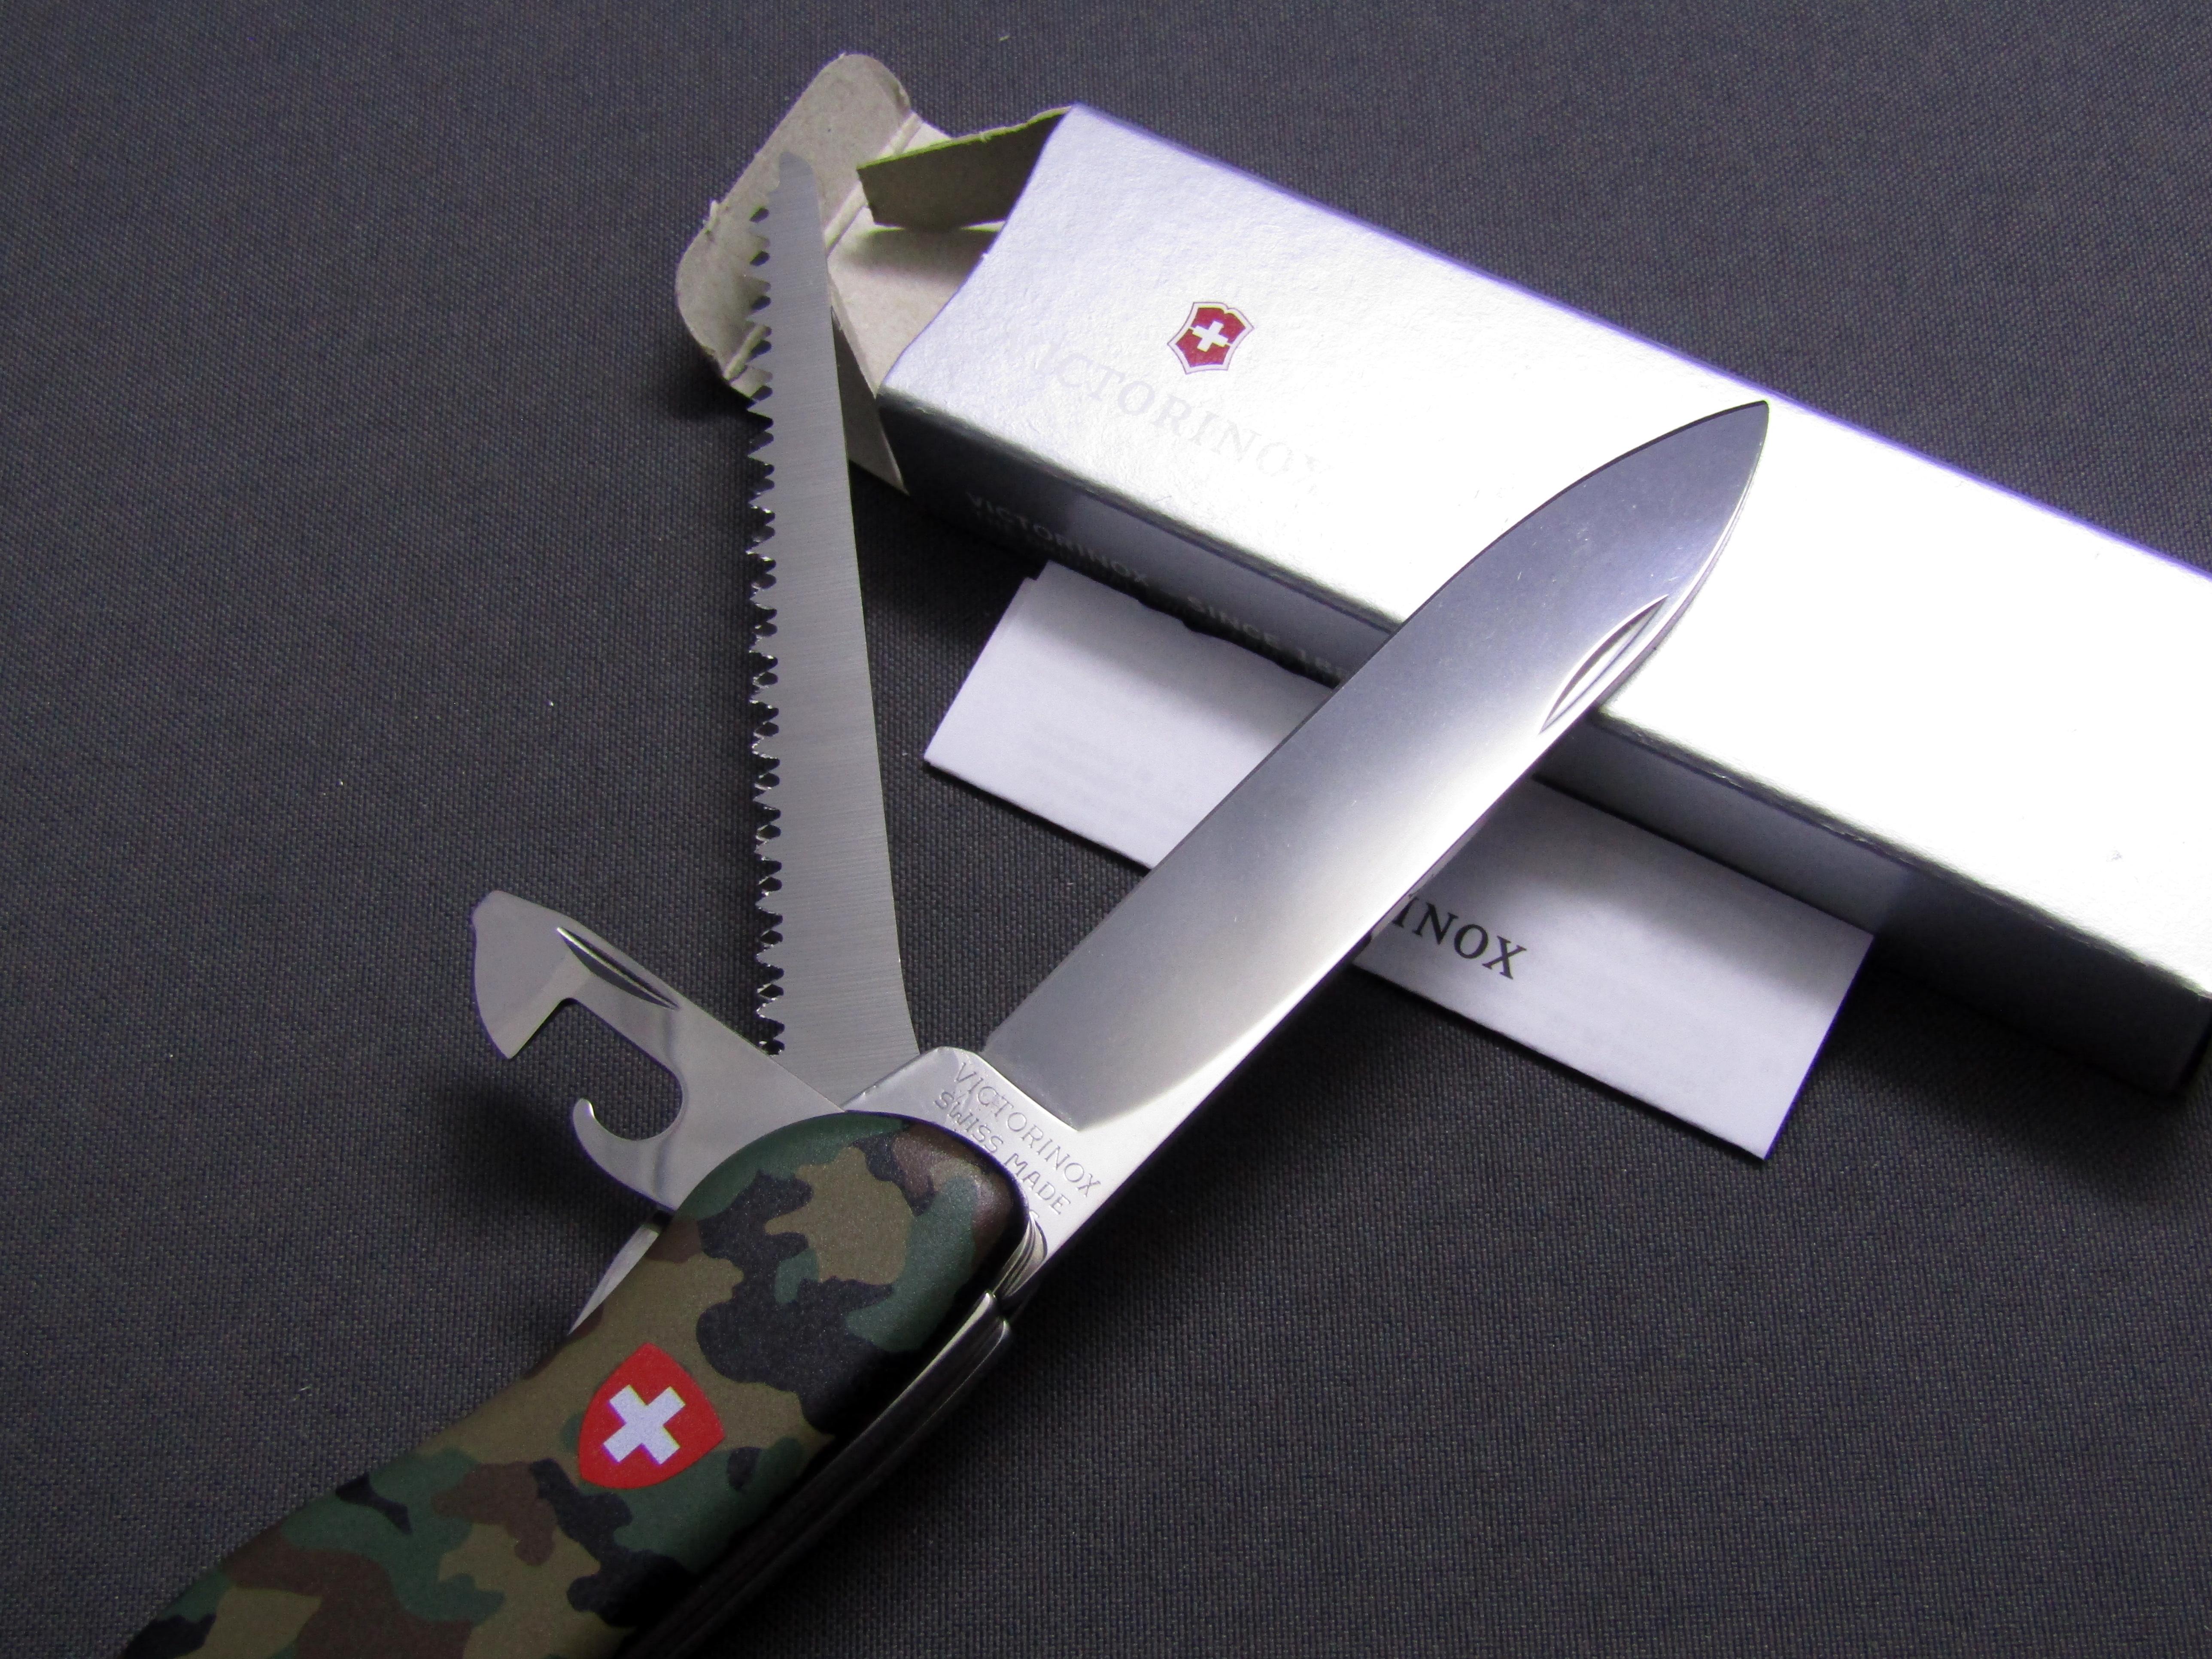 Mein Schweizermesser Swiss Army Knife Victorinox Mod